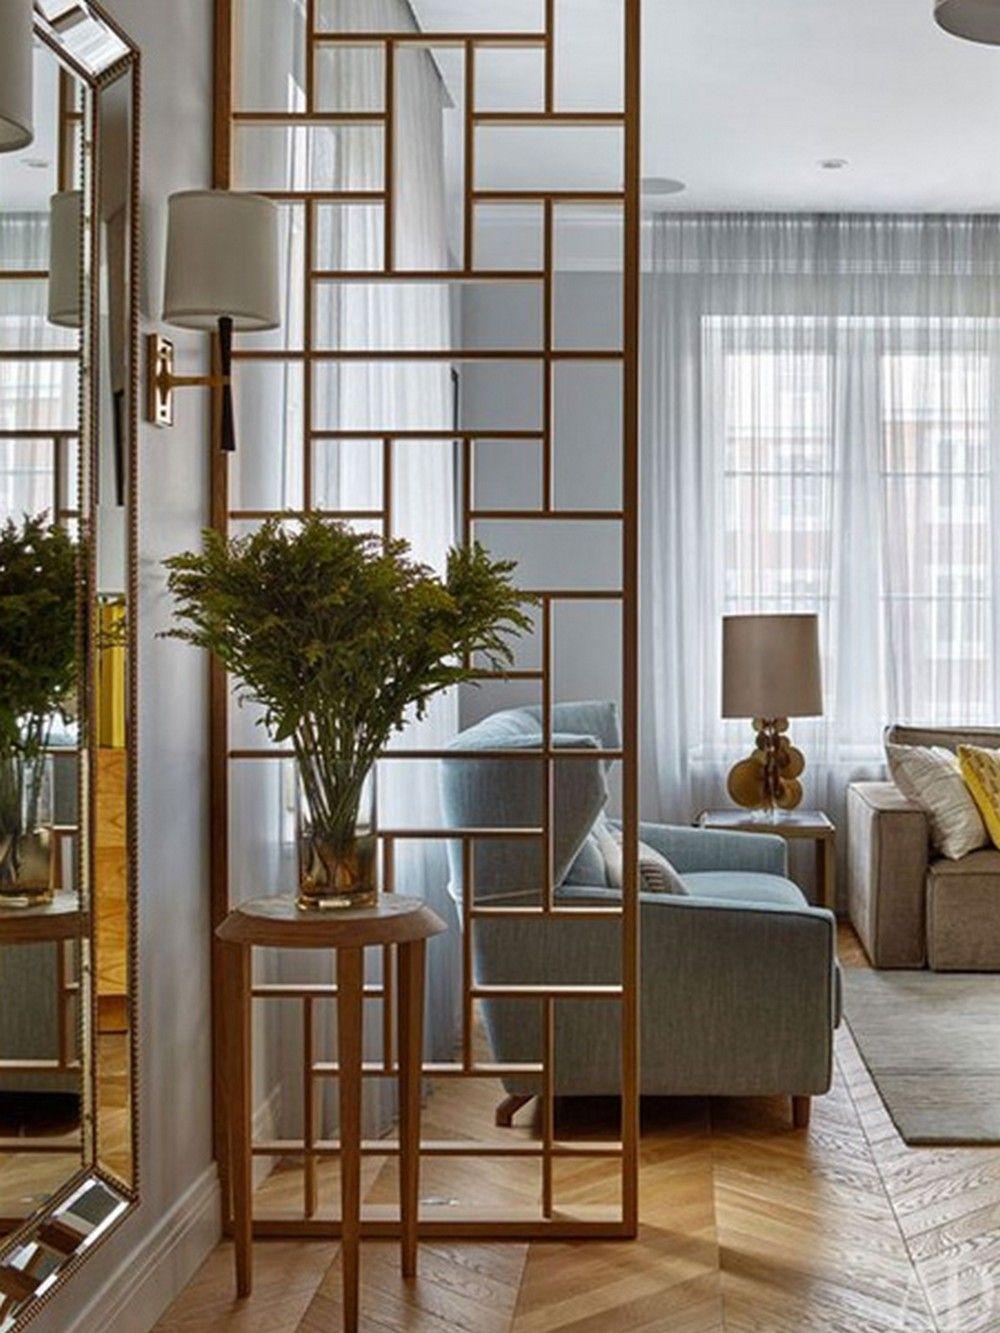 26 Simple Living Room Interior Design